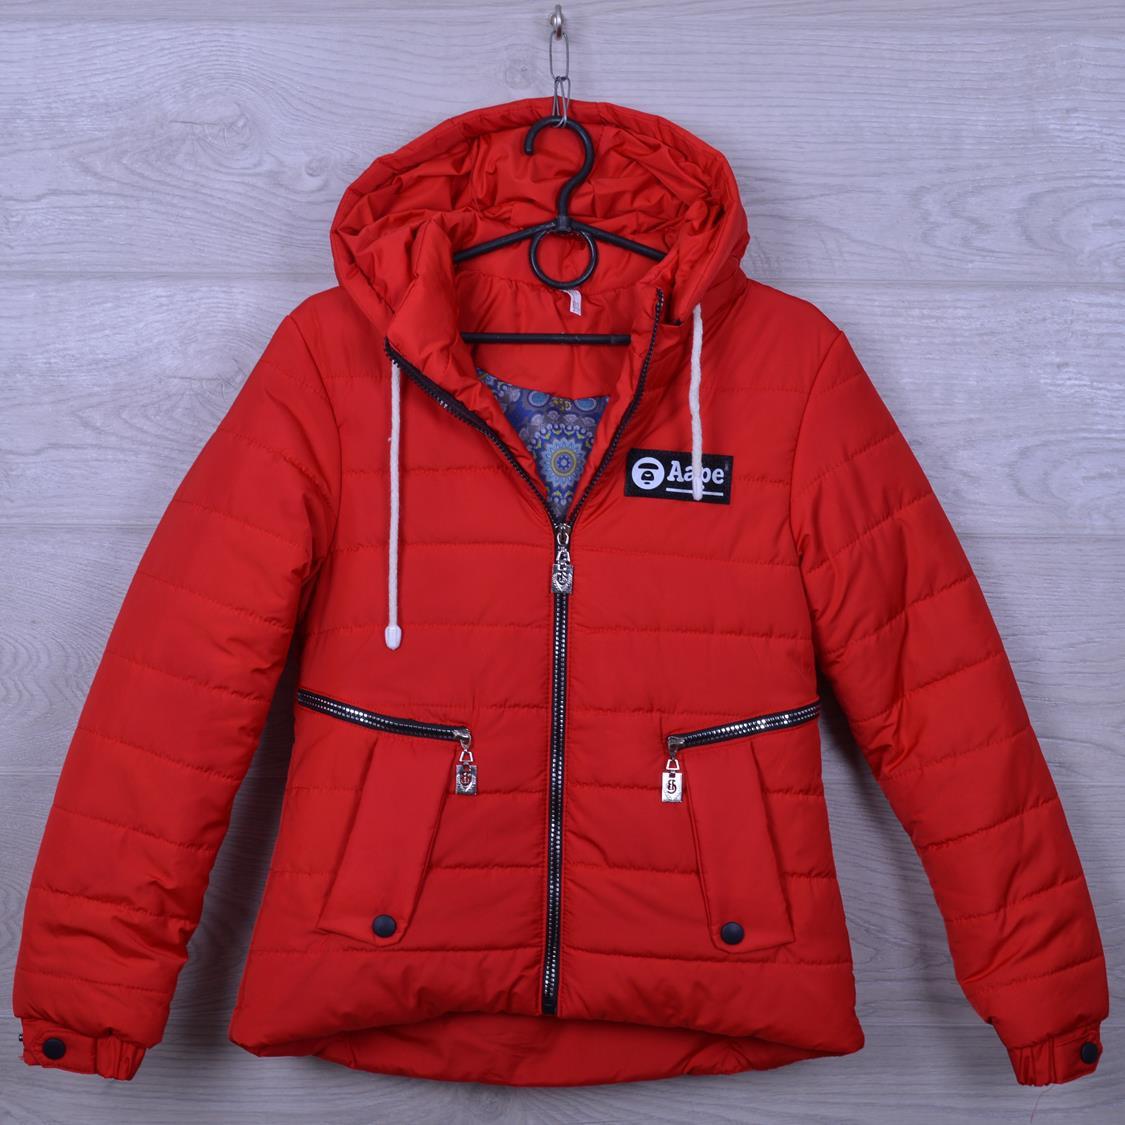 """Куртка подростковая демисезонная """"AaPe"""" для девочек. 10-14 лет. Красная. Оптом."""